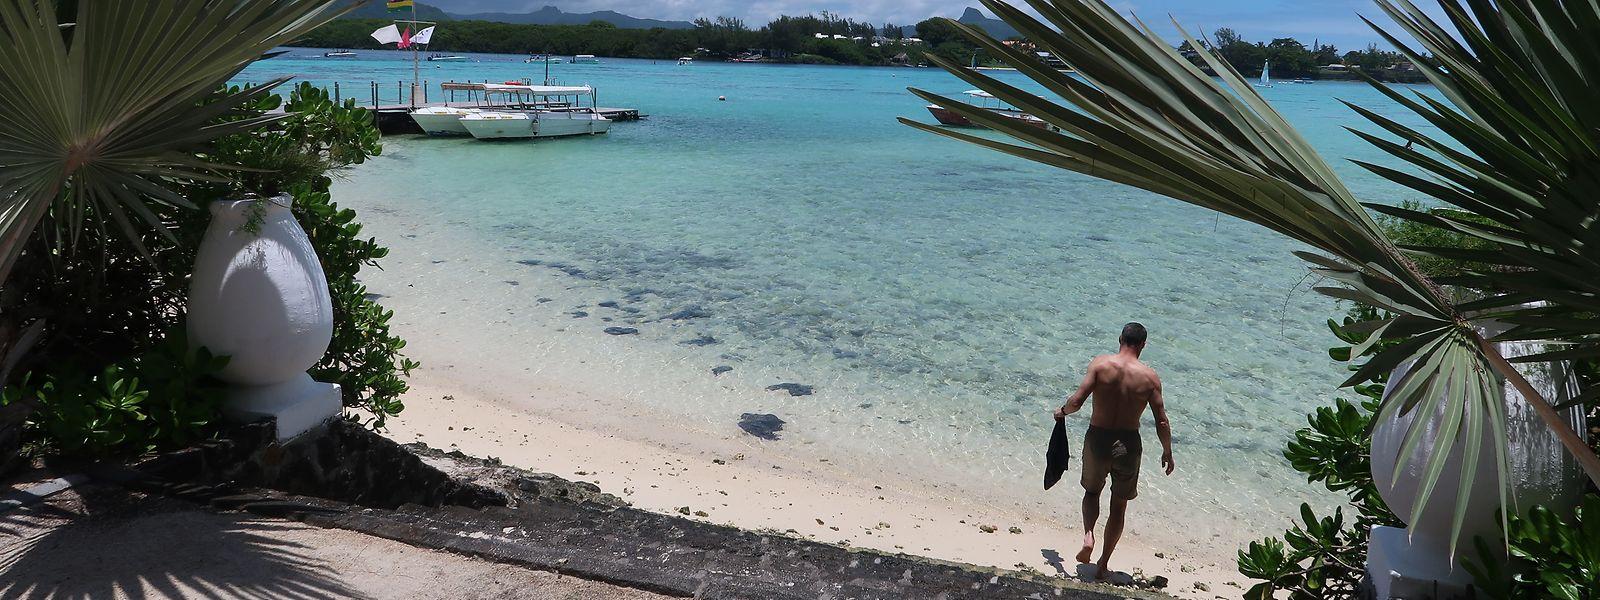 Wunderschönes Mauritius: Die Insel im indischen Ozean ist immer eine Reise wert.